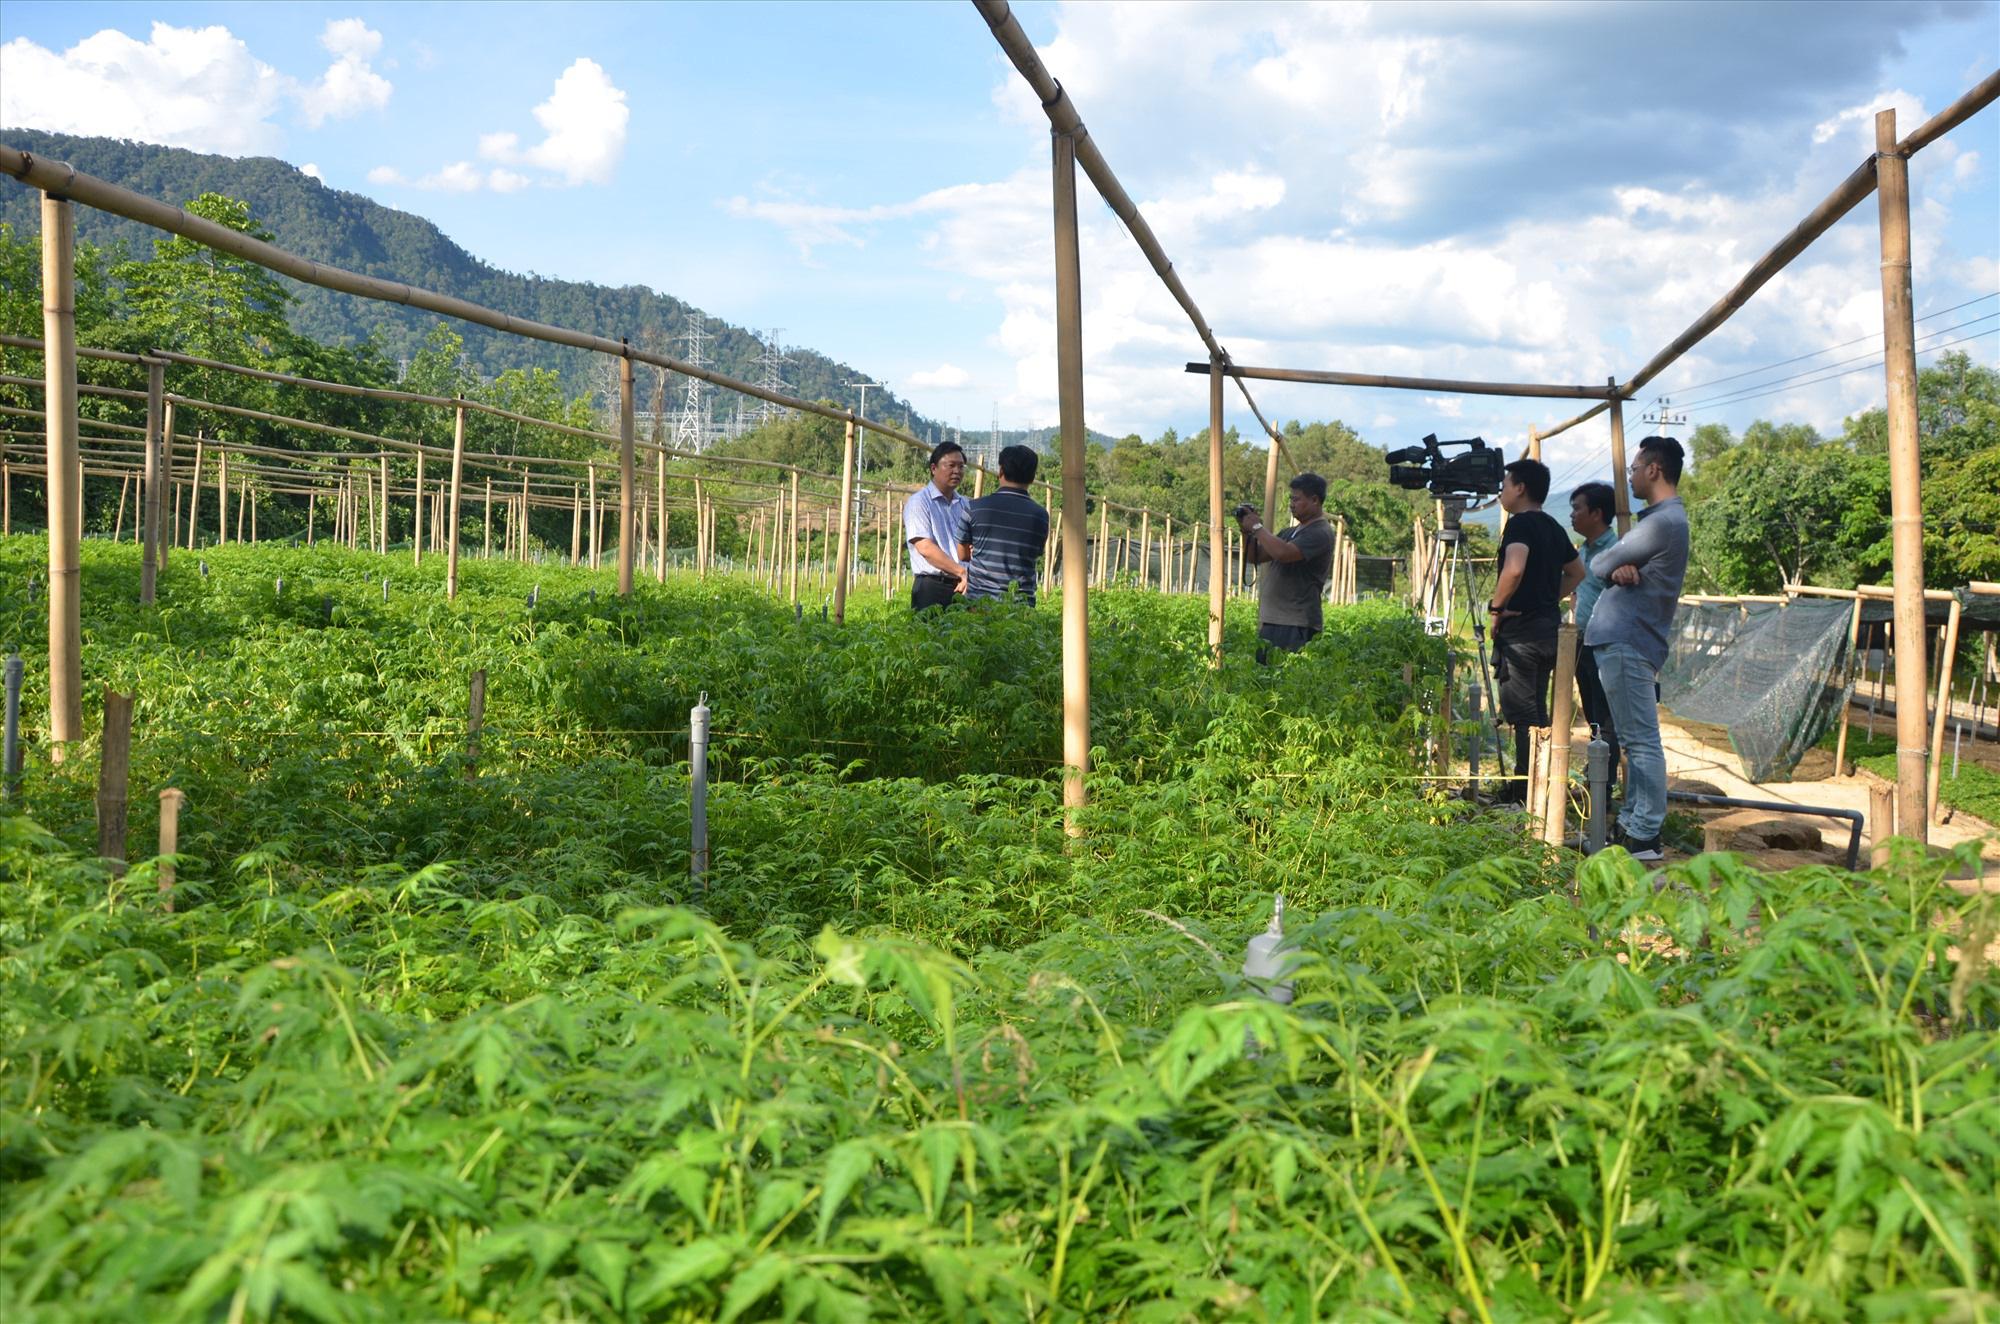 Quảng Nam: Đề xuất cơ chế hỗ trợ trồng cây lấy gỗ làm nhà - Ảnh 1.